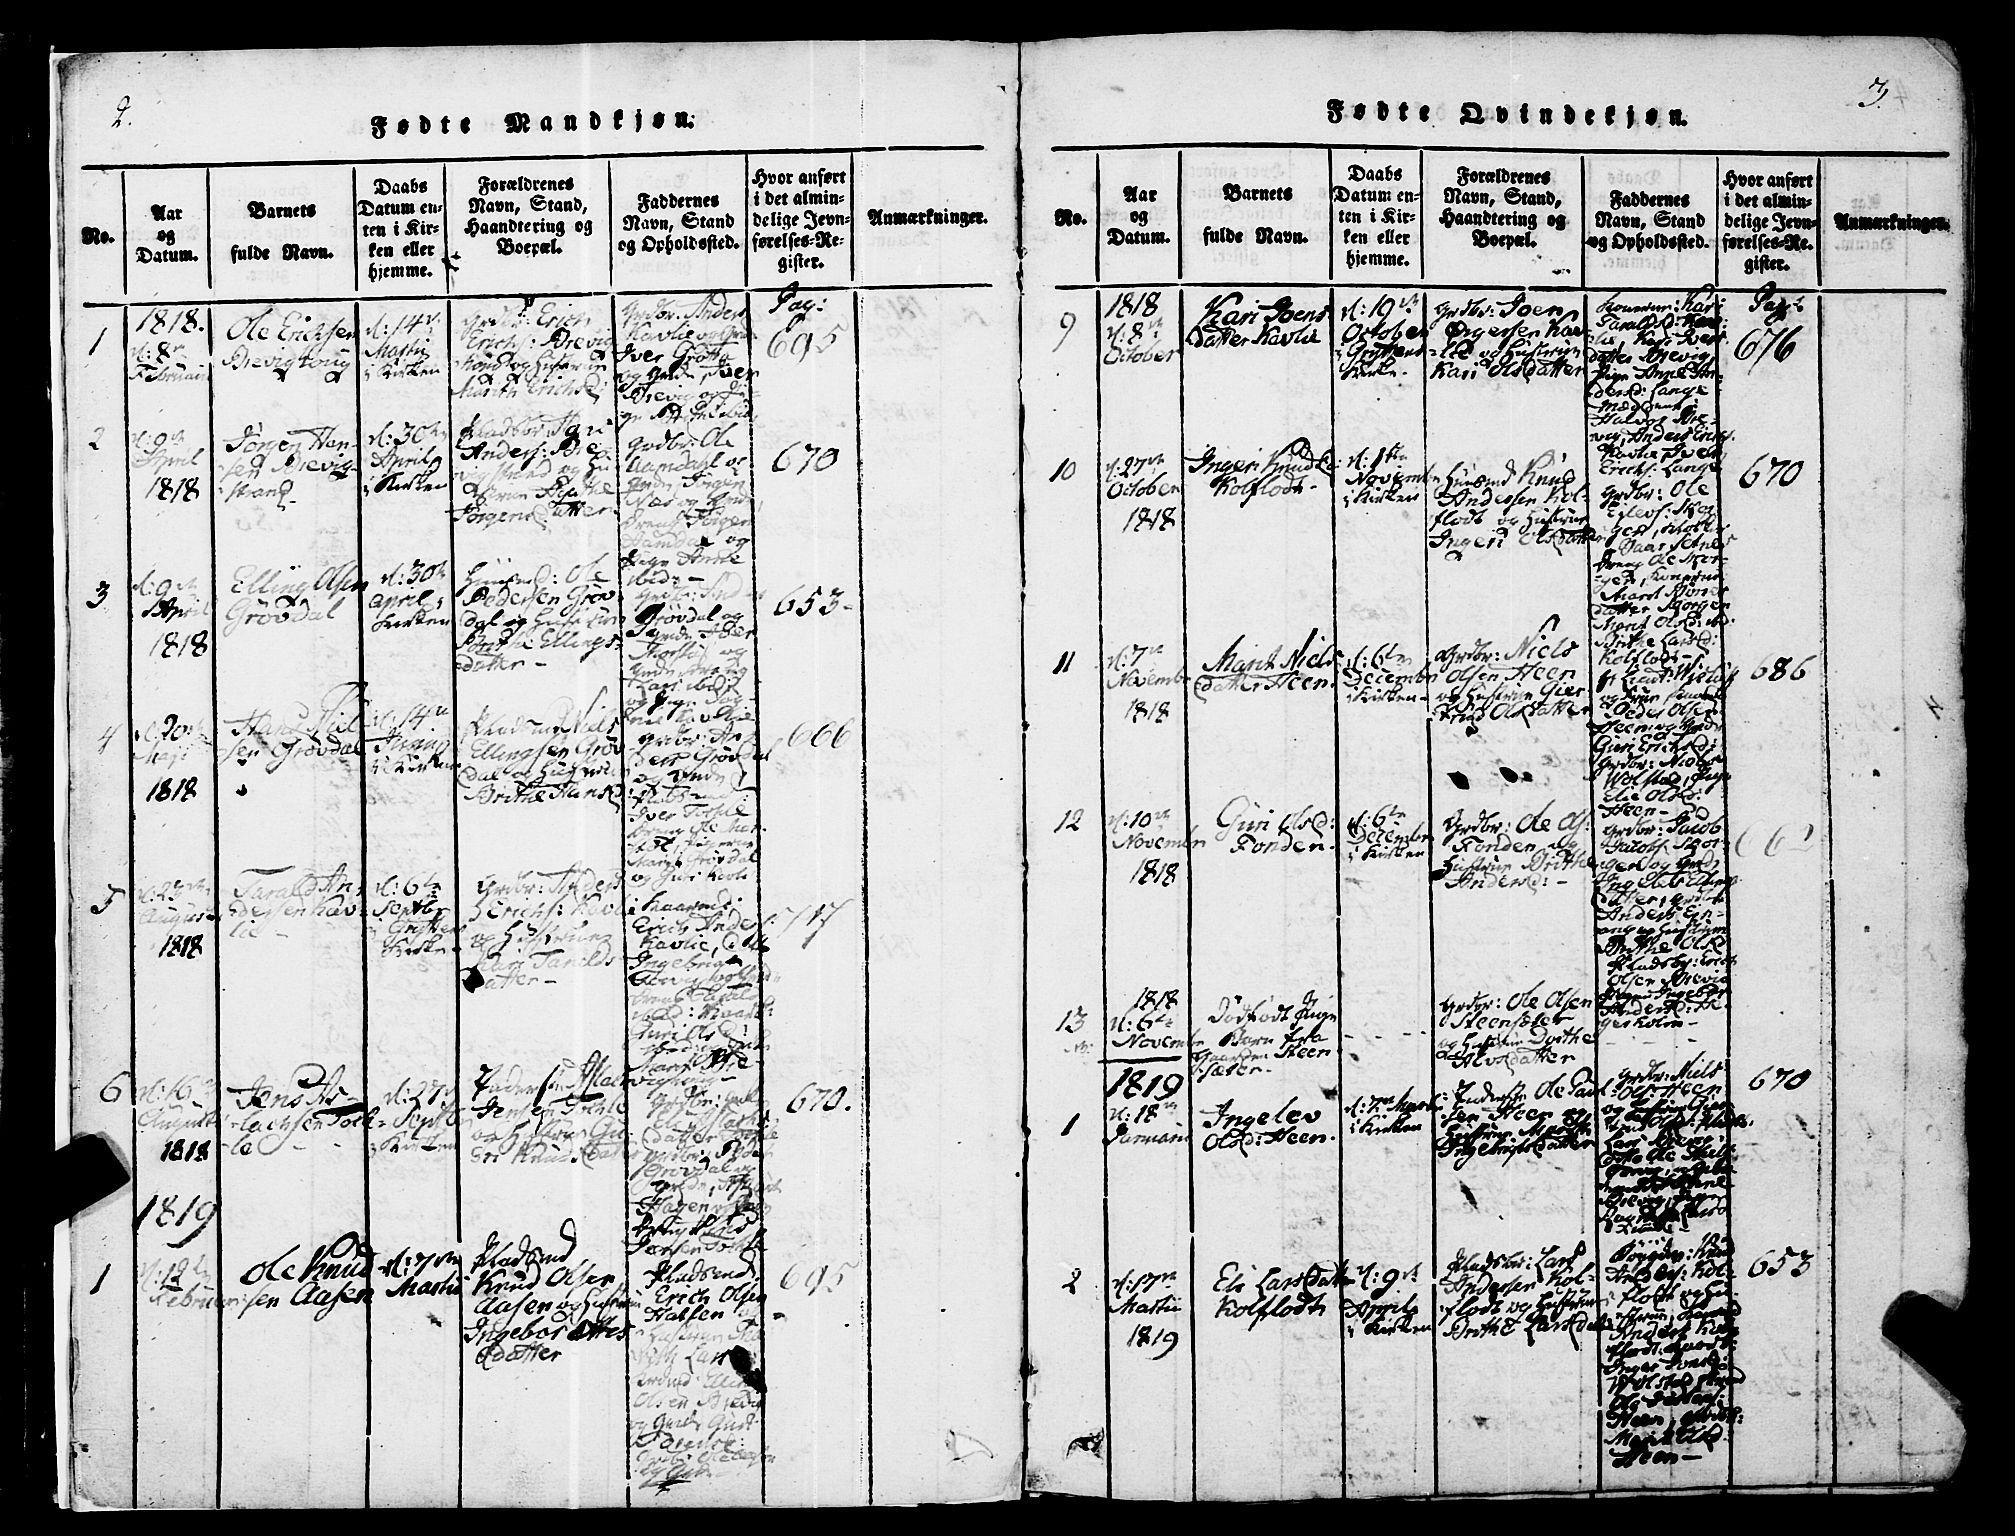 SAT, Ministerialprotokoller, klokkerbøker og fødselsregistre - Møre og Romsdal, 545/L0585: Ministerialbok nr. 545A01, 1818-1853, s. 2-3